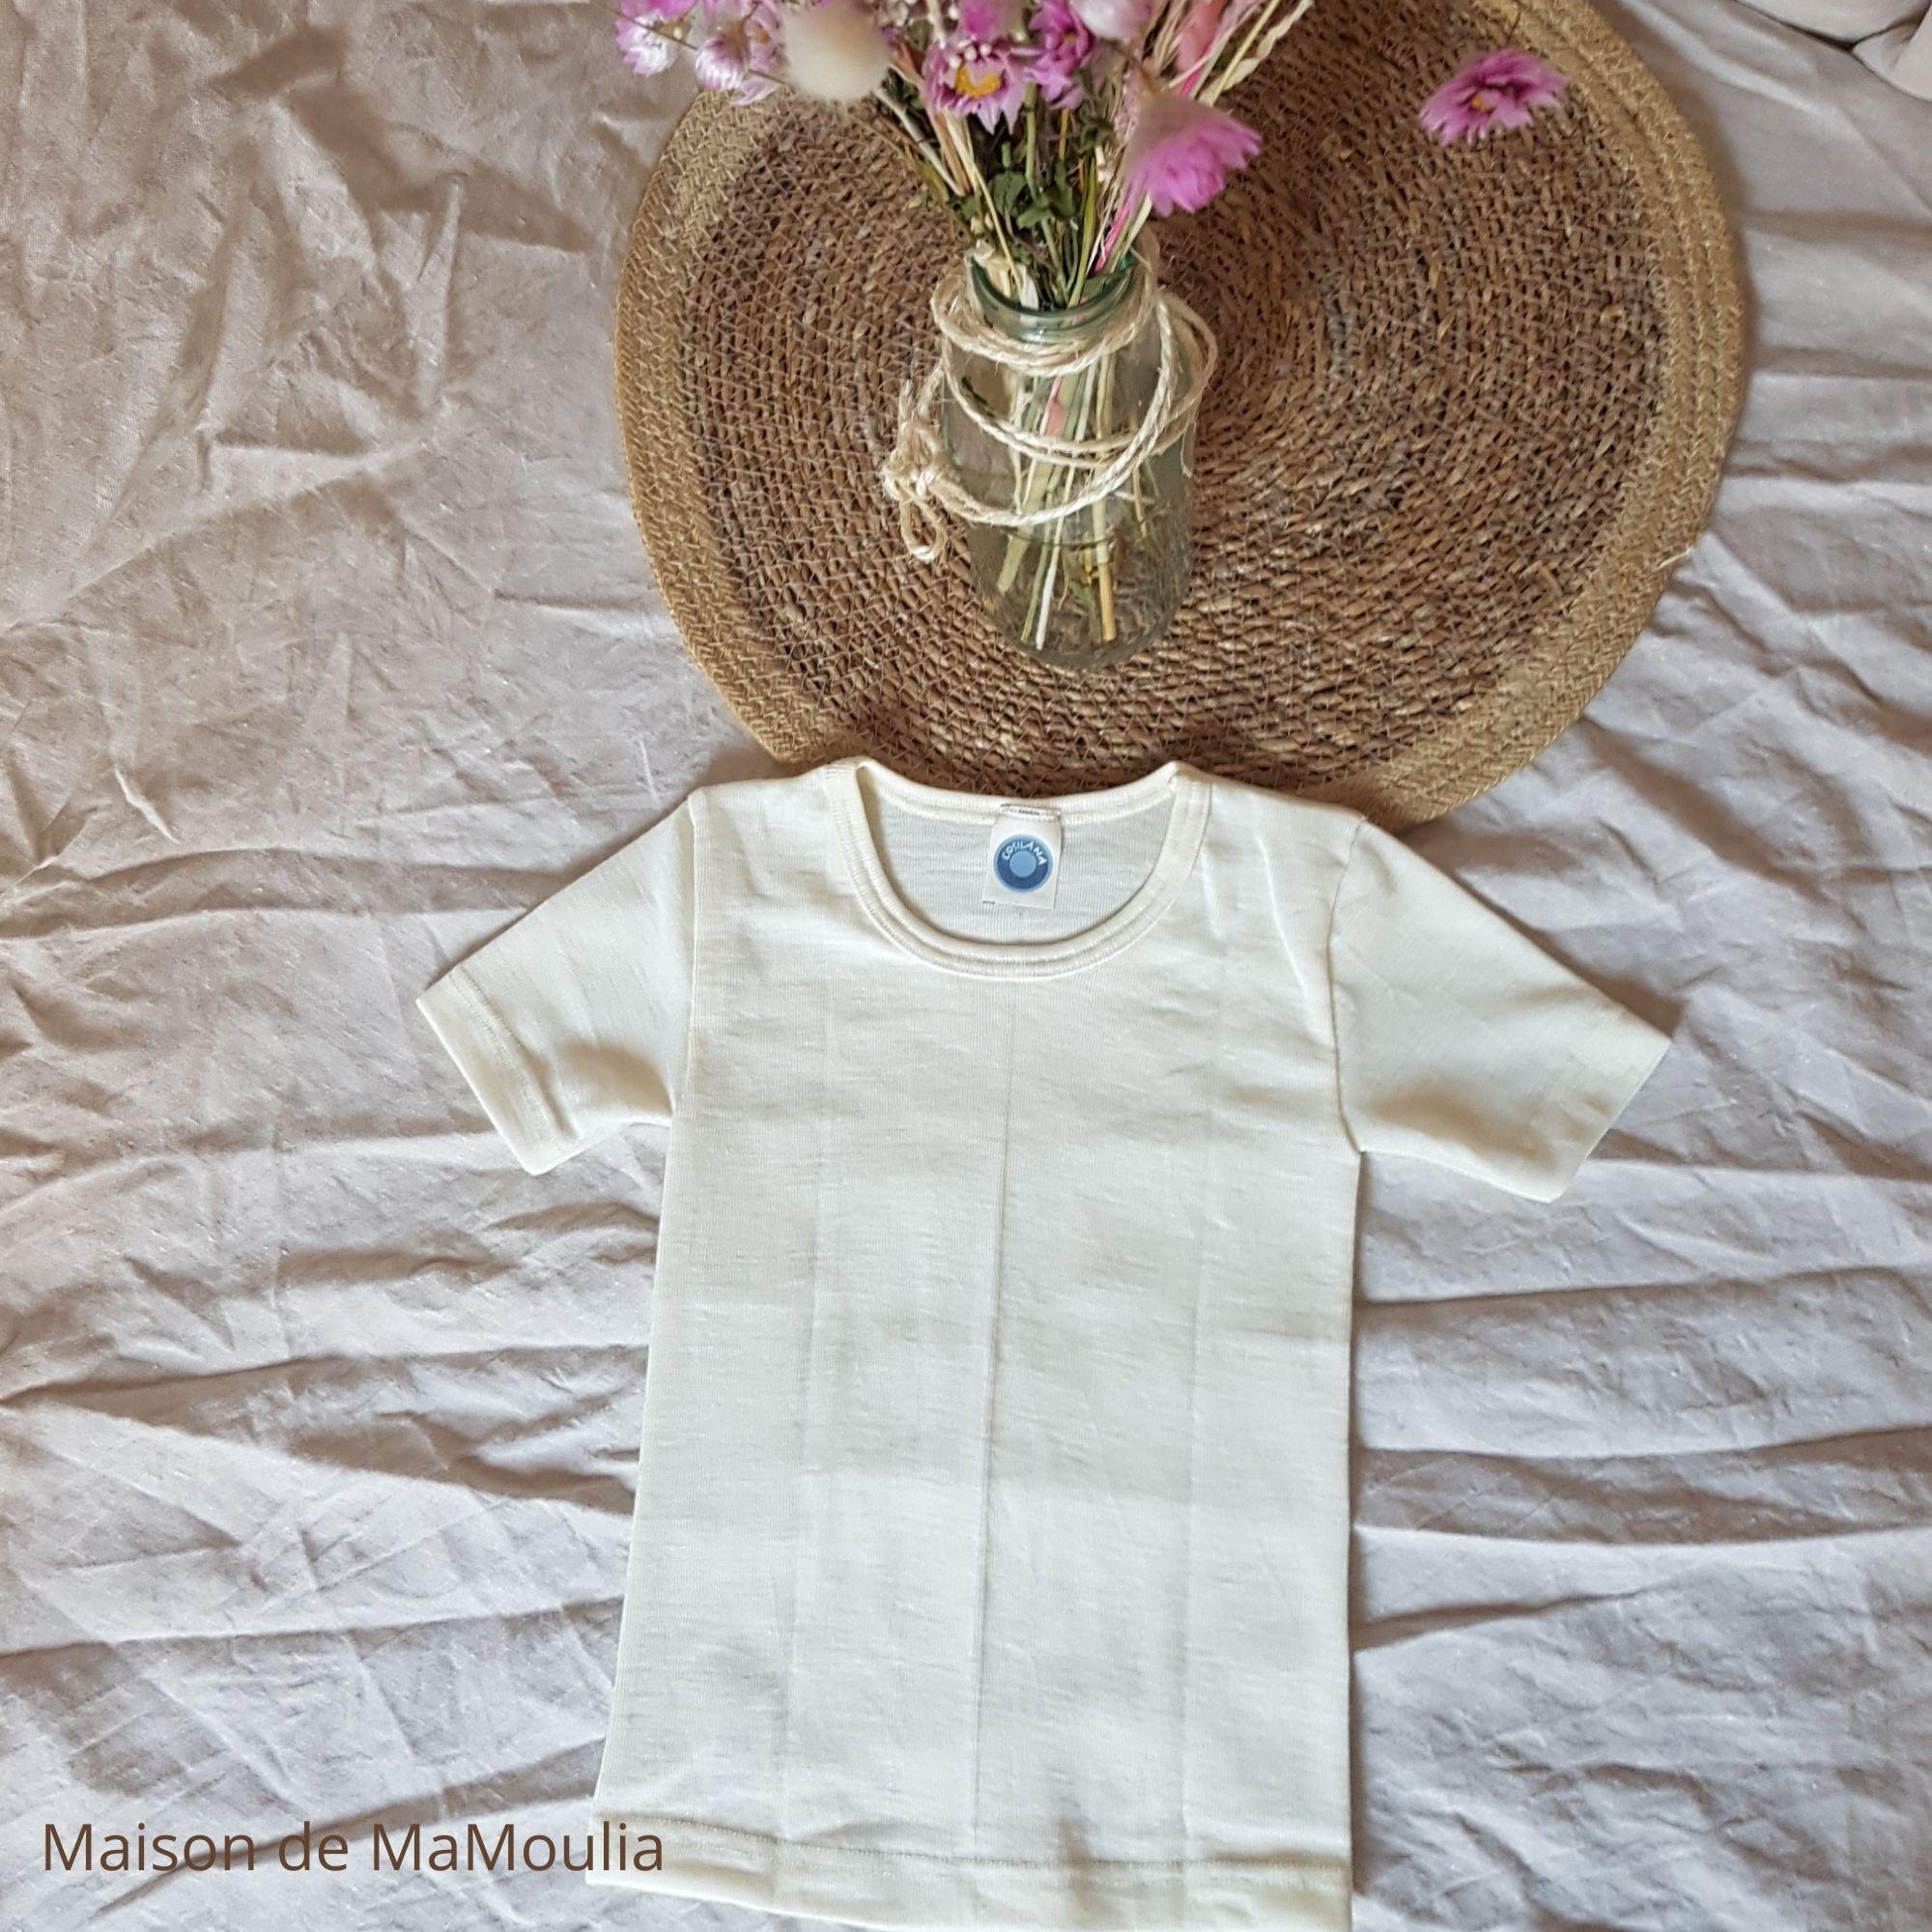 COSILANA - T-shirt manches courtes - 70% Laine/30% soie bio, Écru